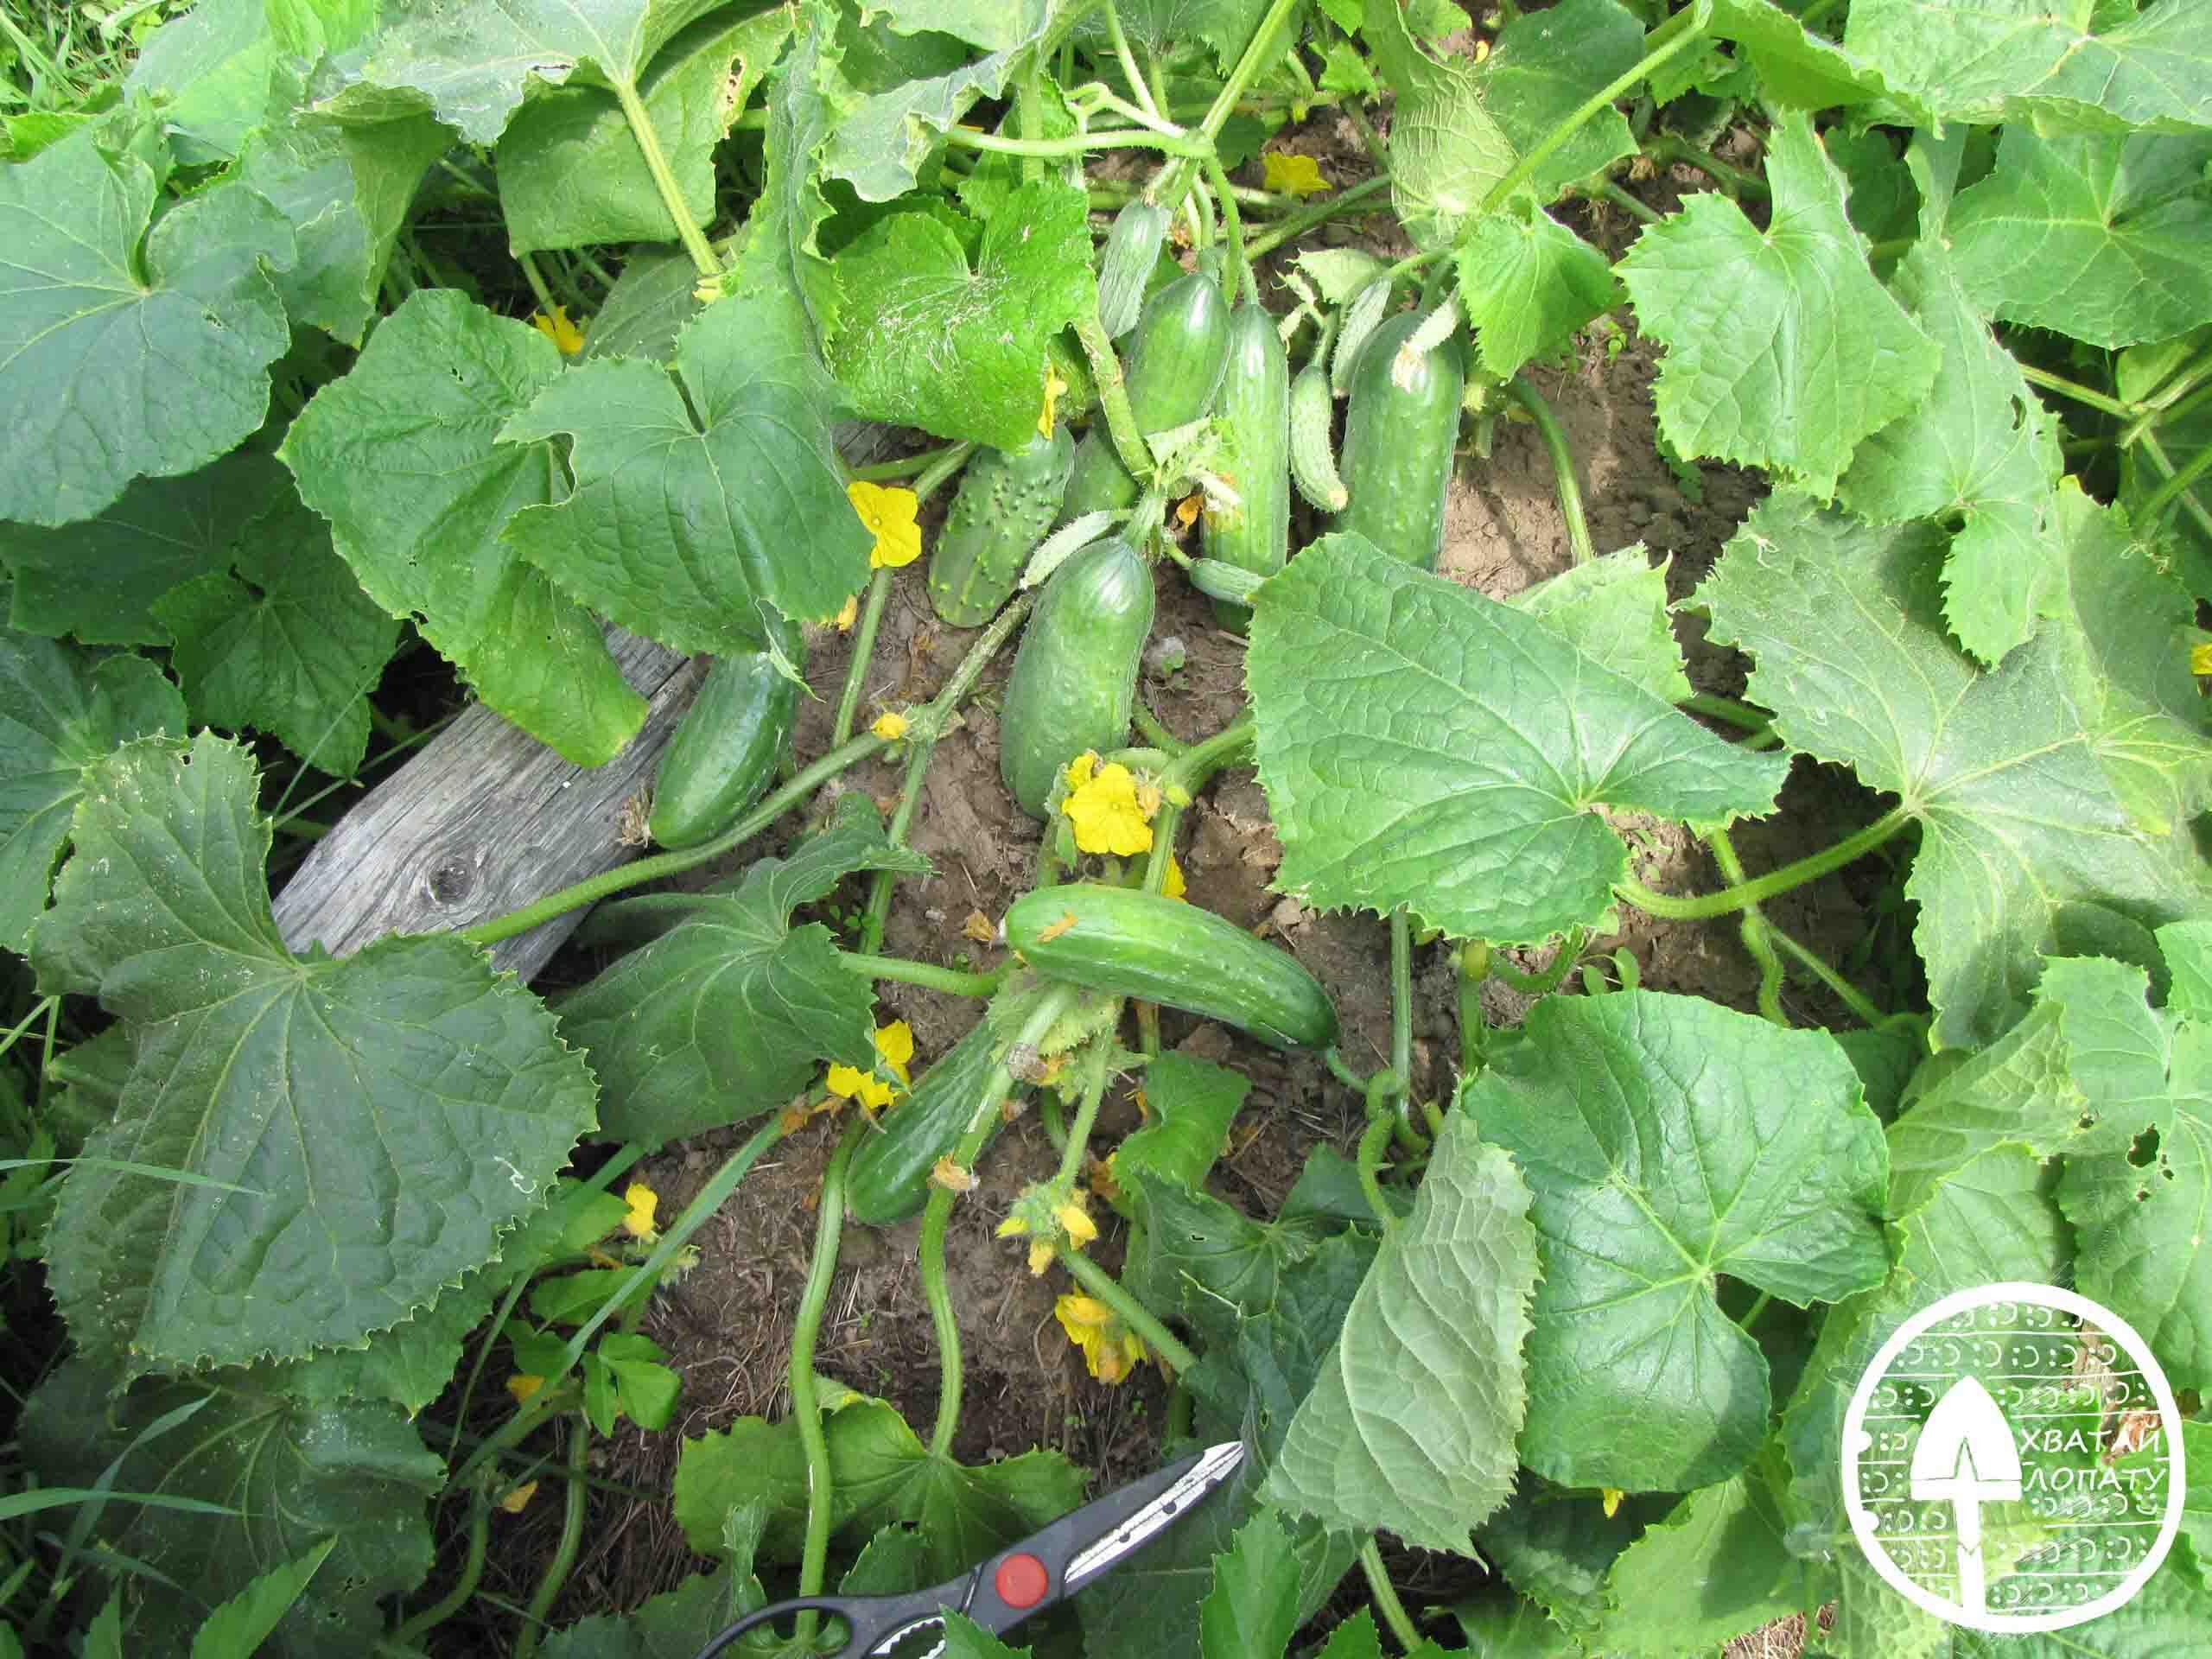 выращивания огурцов в расстил